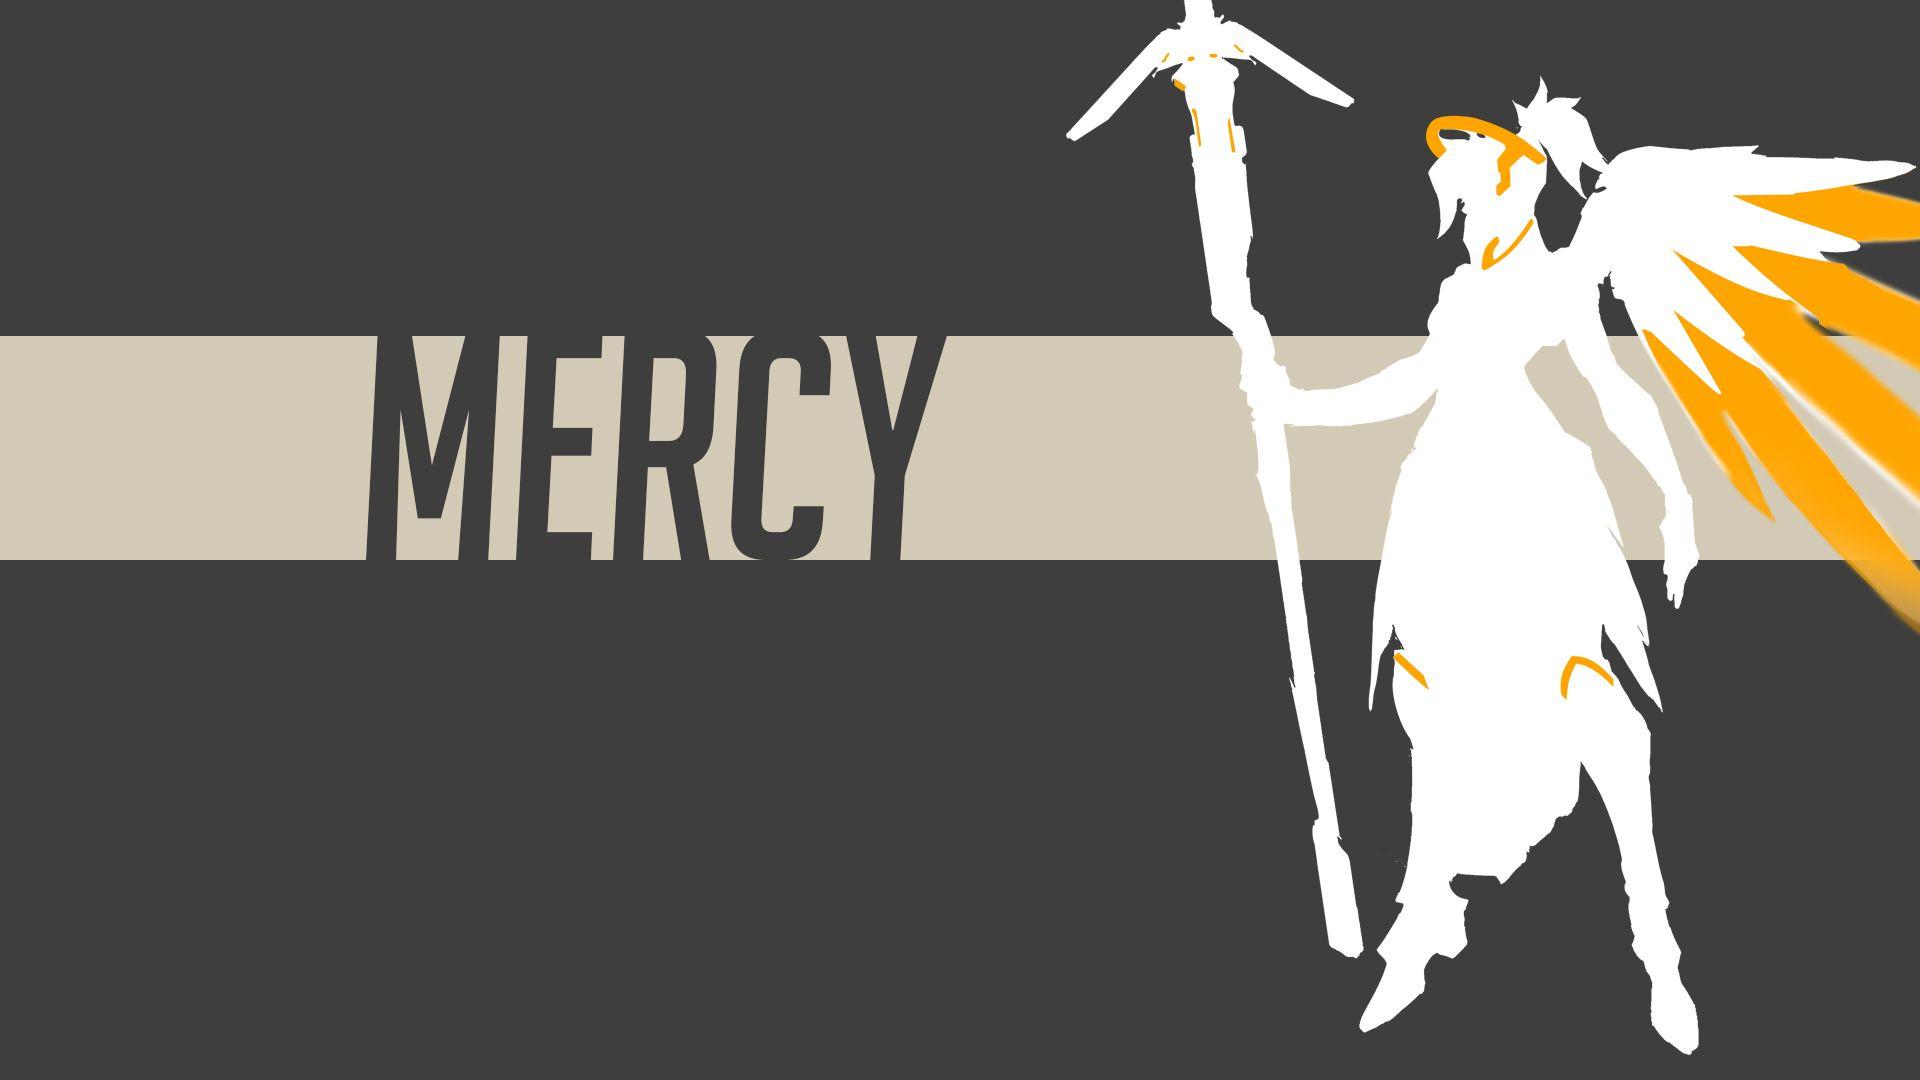 Overwatch Mercy Wallpaper Background Sdeerwallpaper